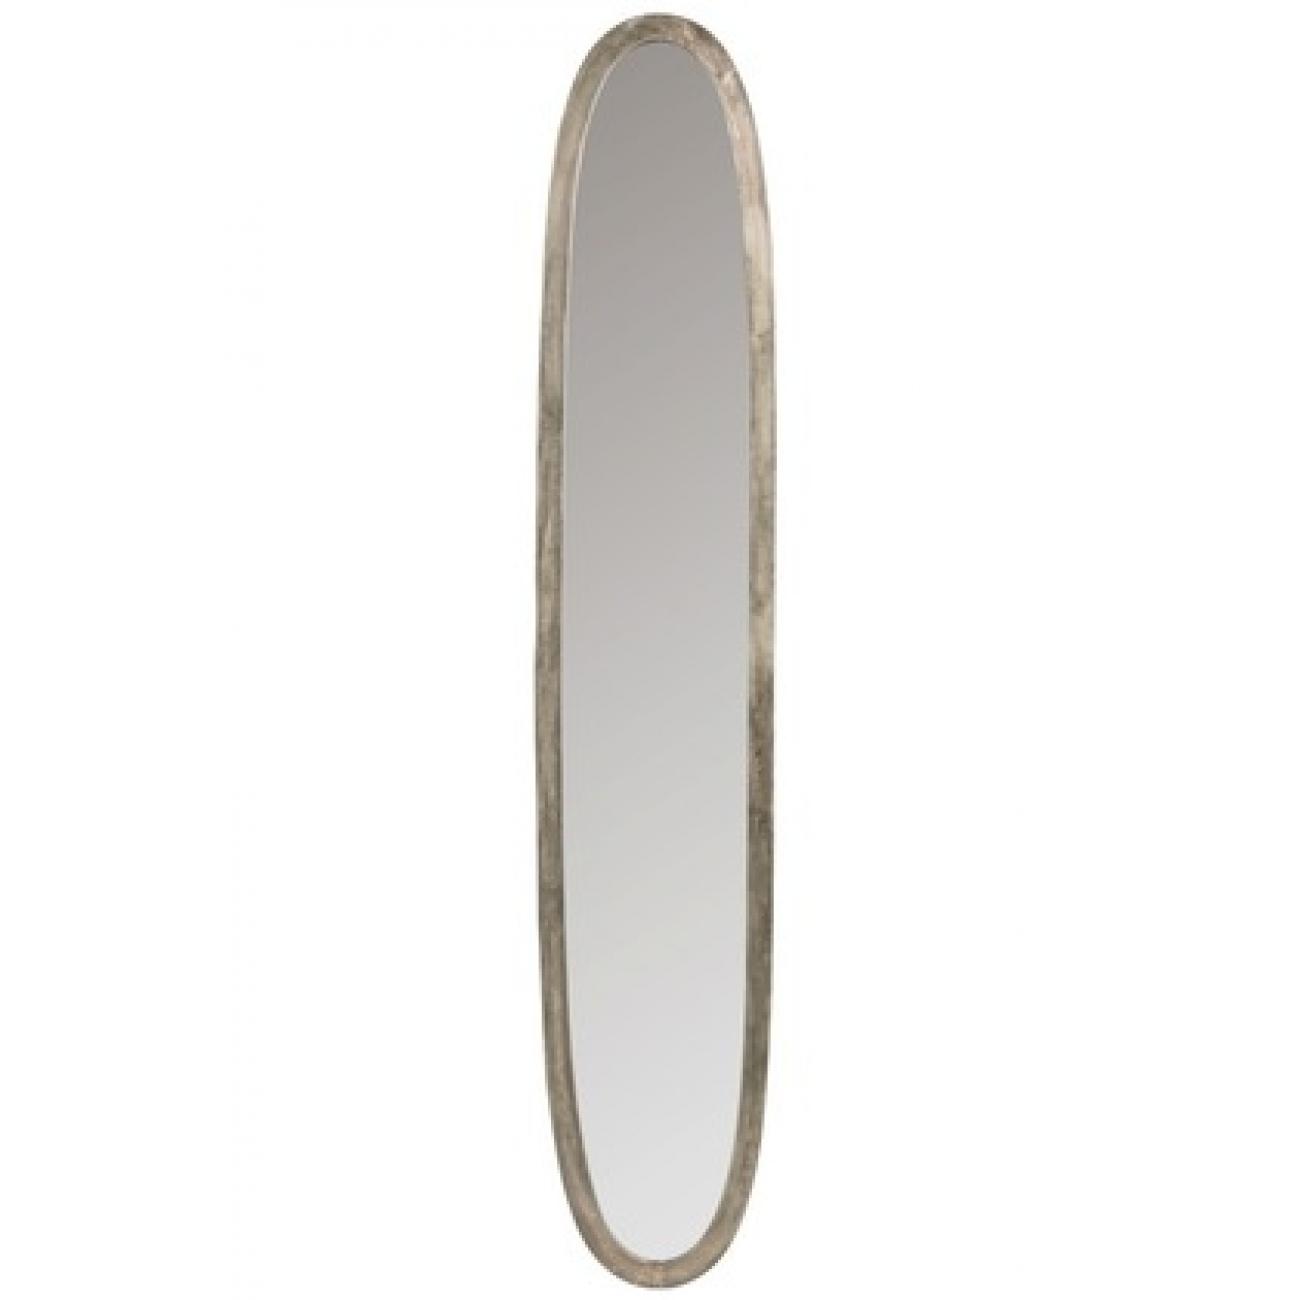 Зеркало J-LINE овальное настенное в серебристой алюминиевой раме 33х180 см Бельгия